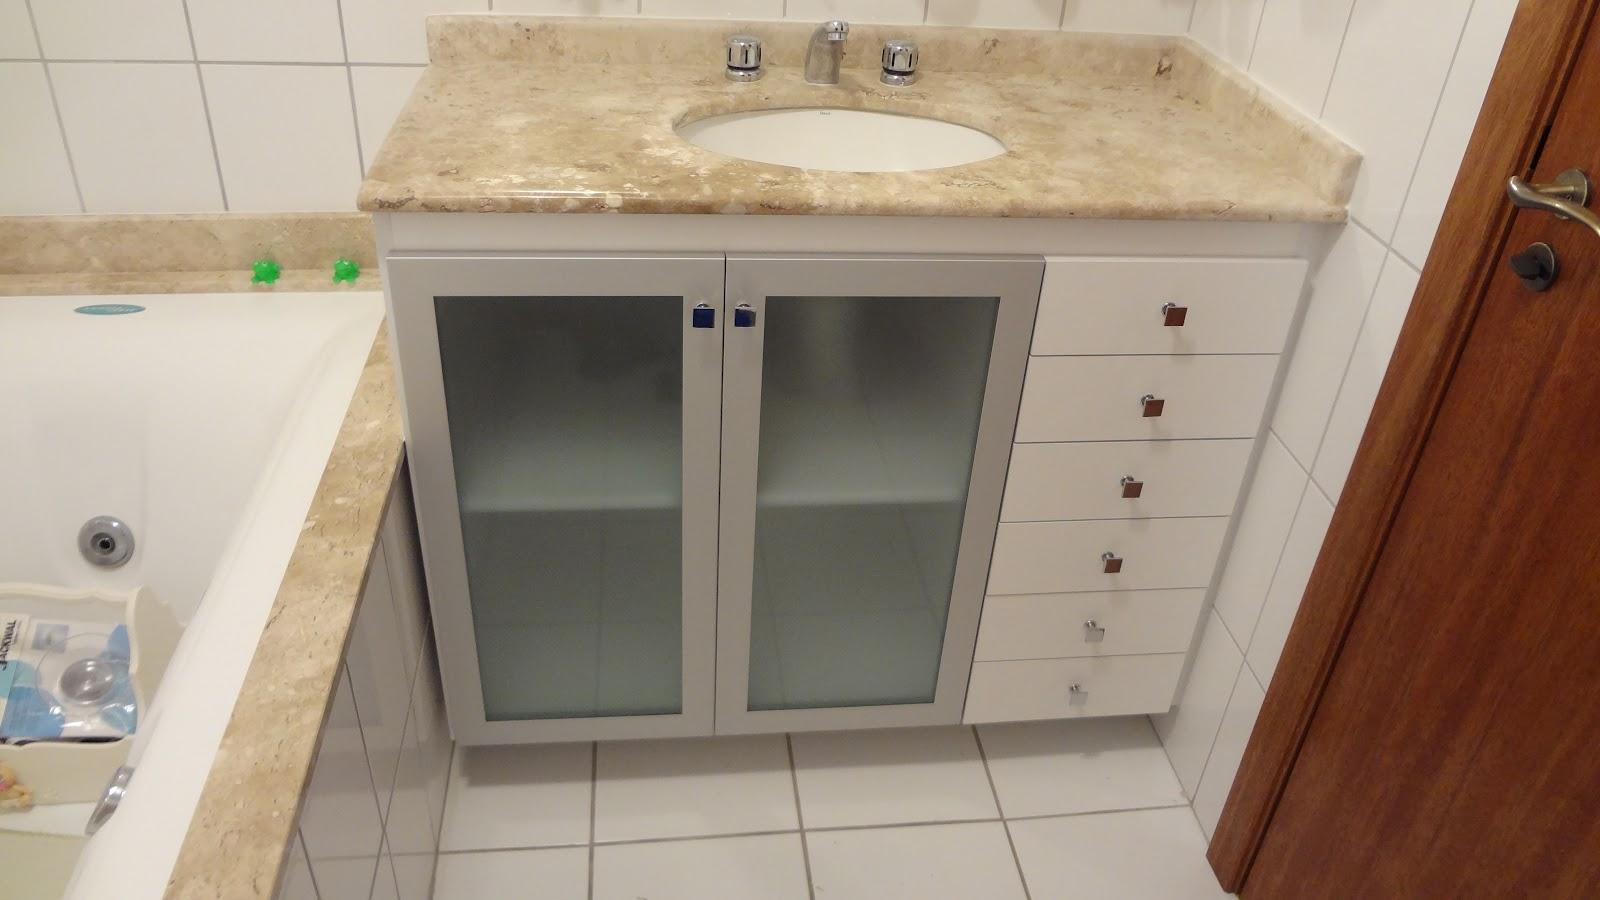 Móveis RF: Banheiro em Mdf branco e portas em alumínio com vidro  #62301A 1600 900